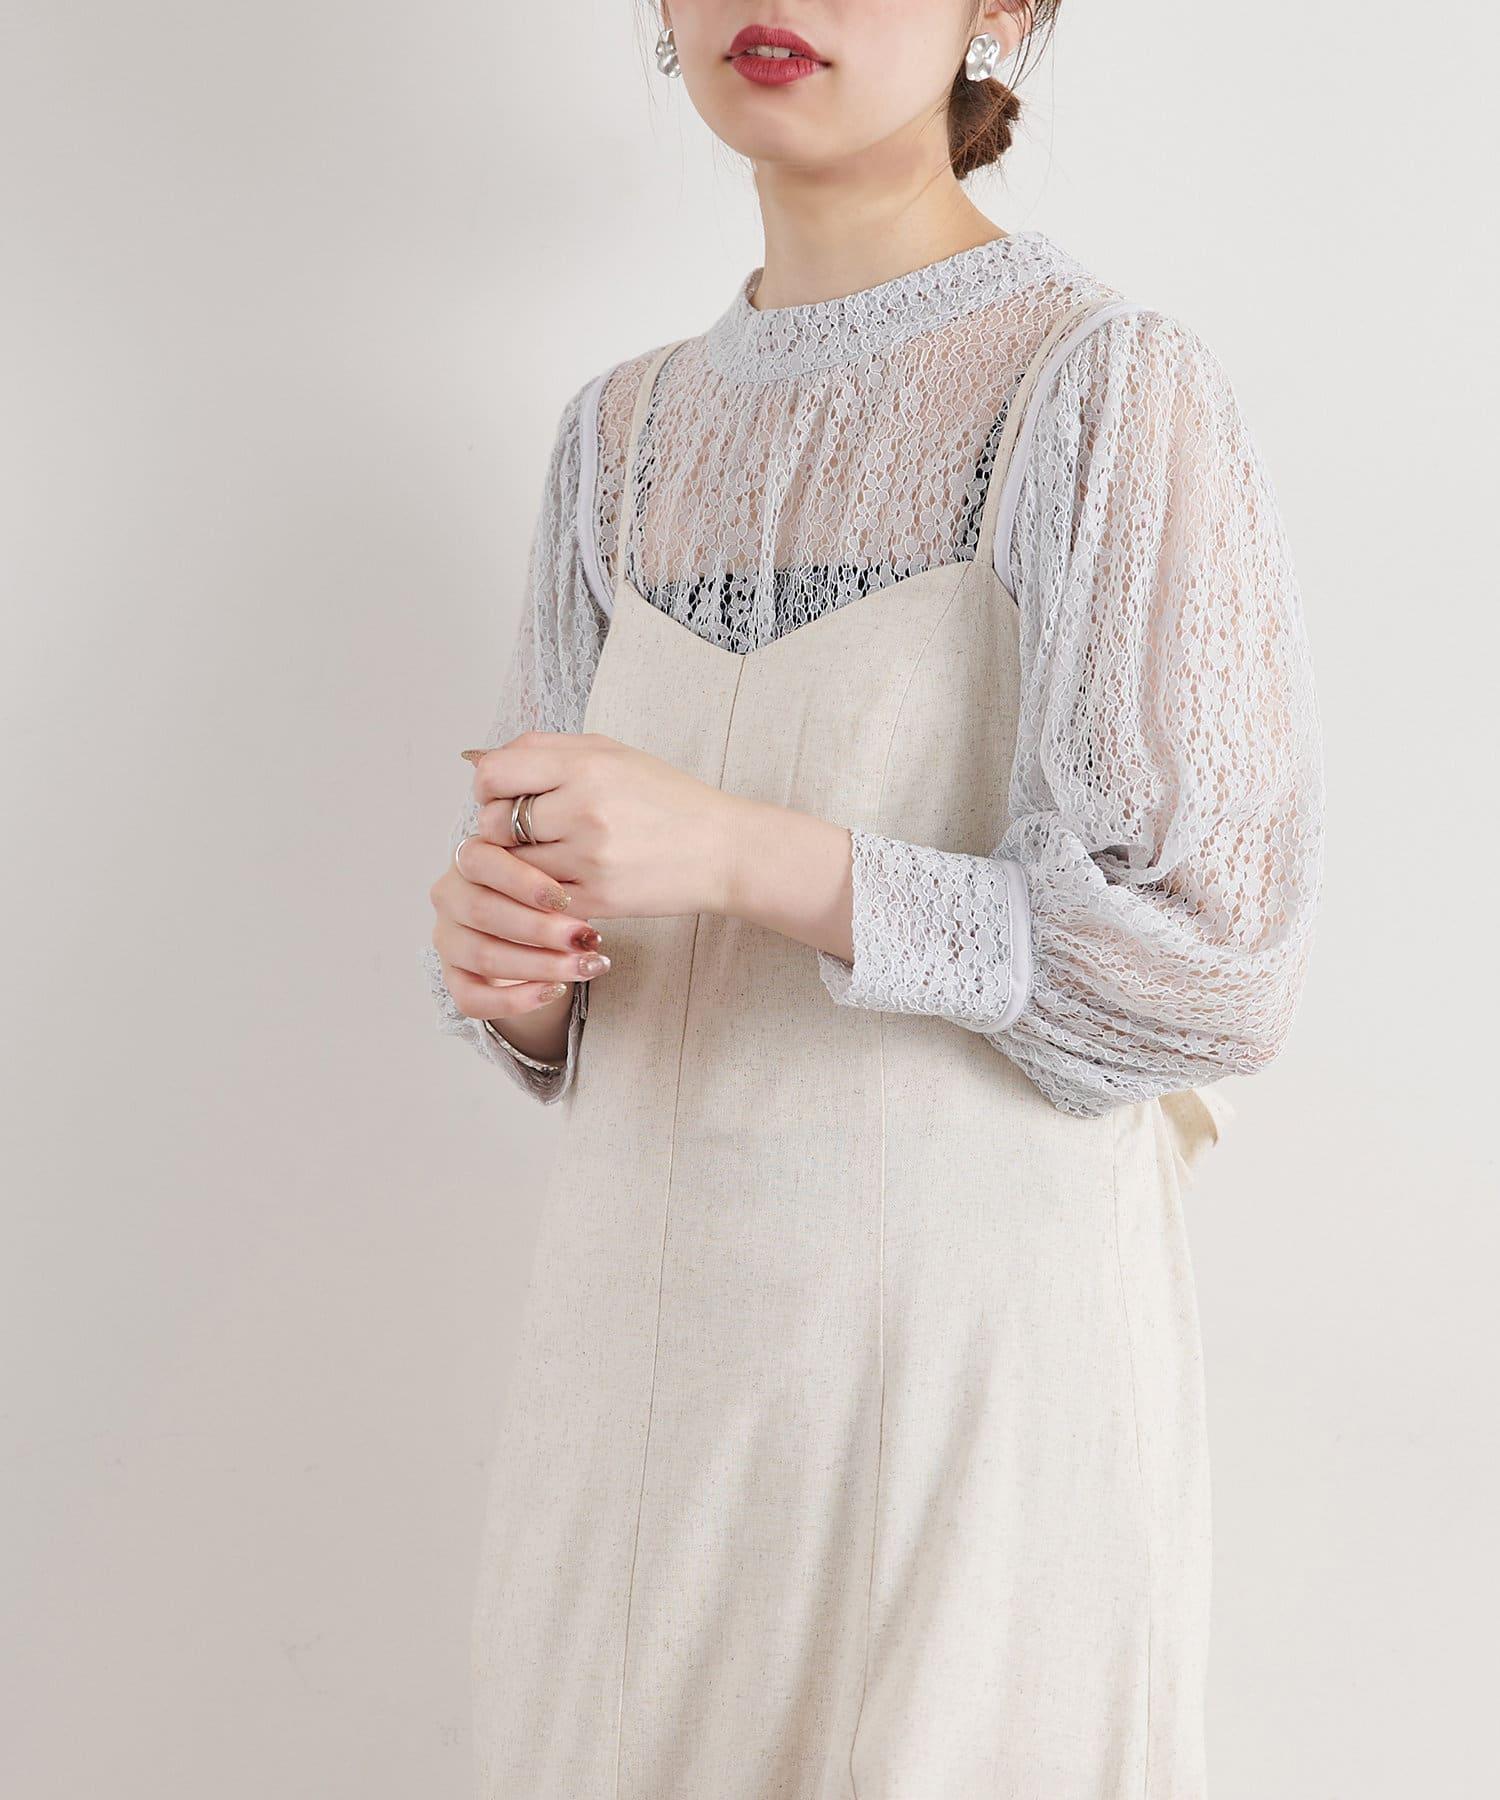 natural couture(ナチュラルクチュール) 【WEB限定カラー有り】トレンディなギャザースリーブレースブラウス